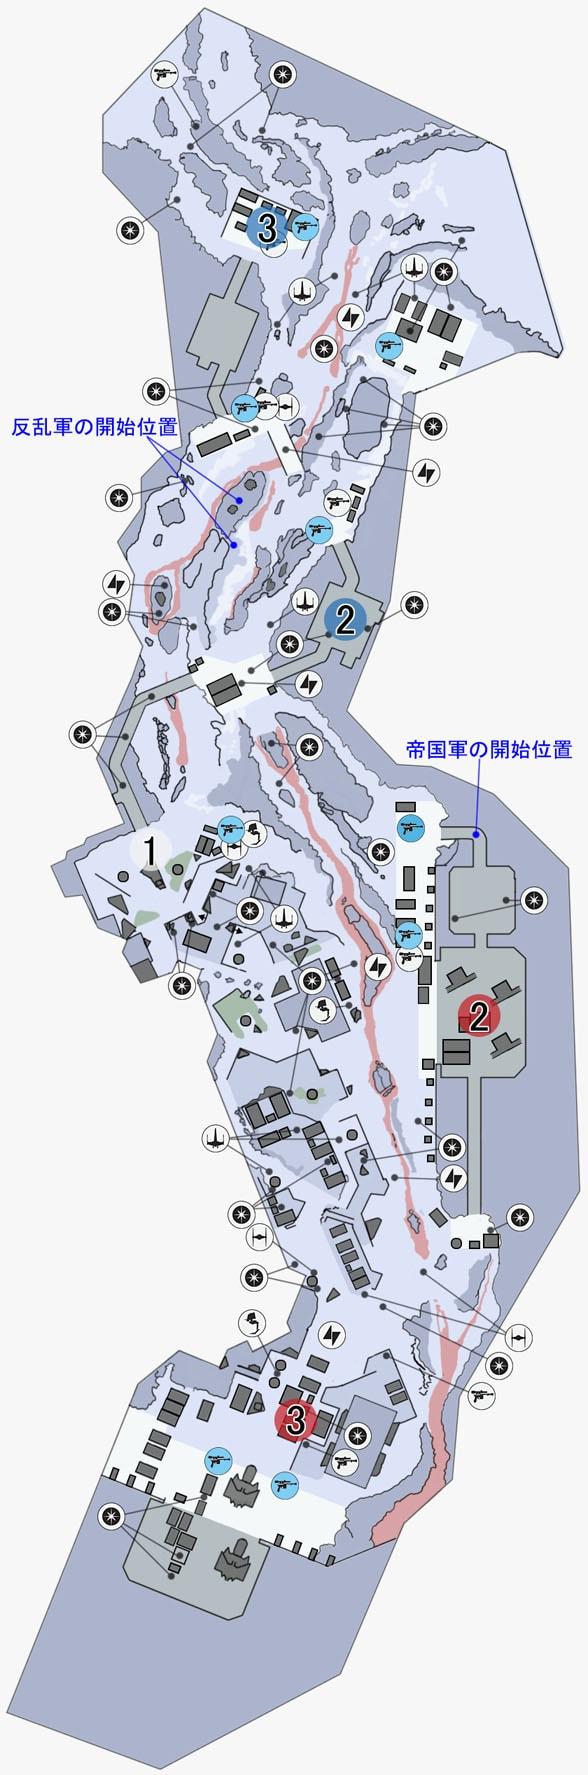 スプレマシーのソロスーブ本社施設のマップ